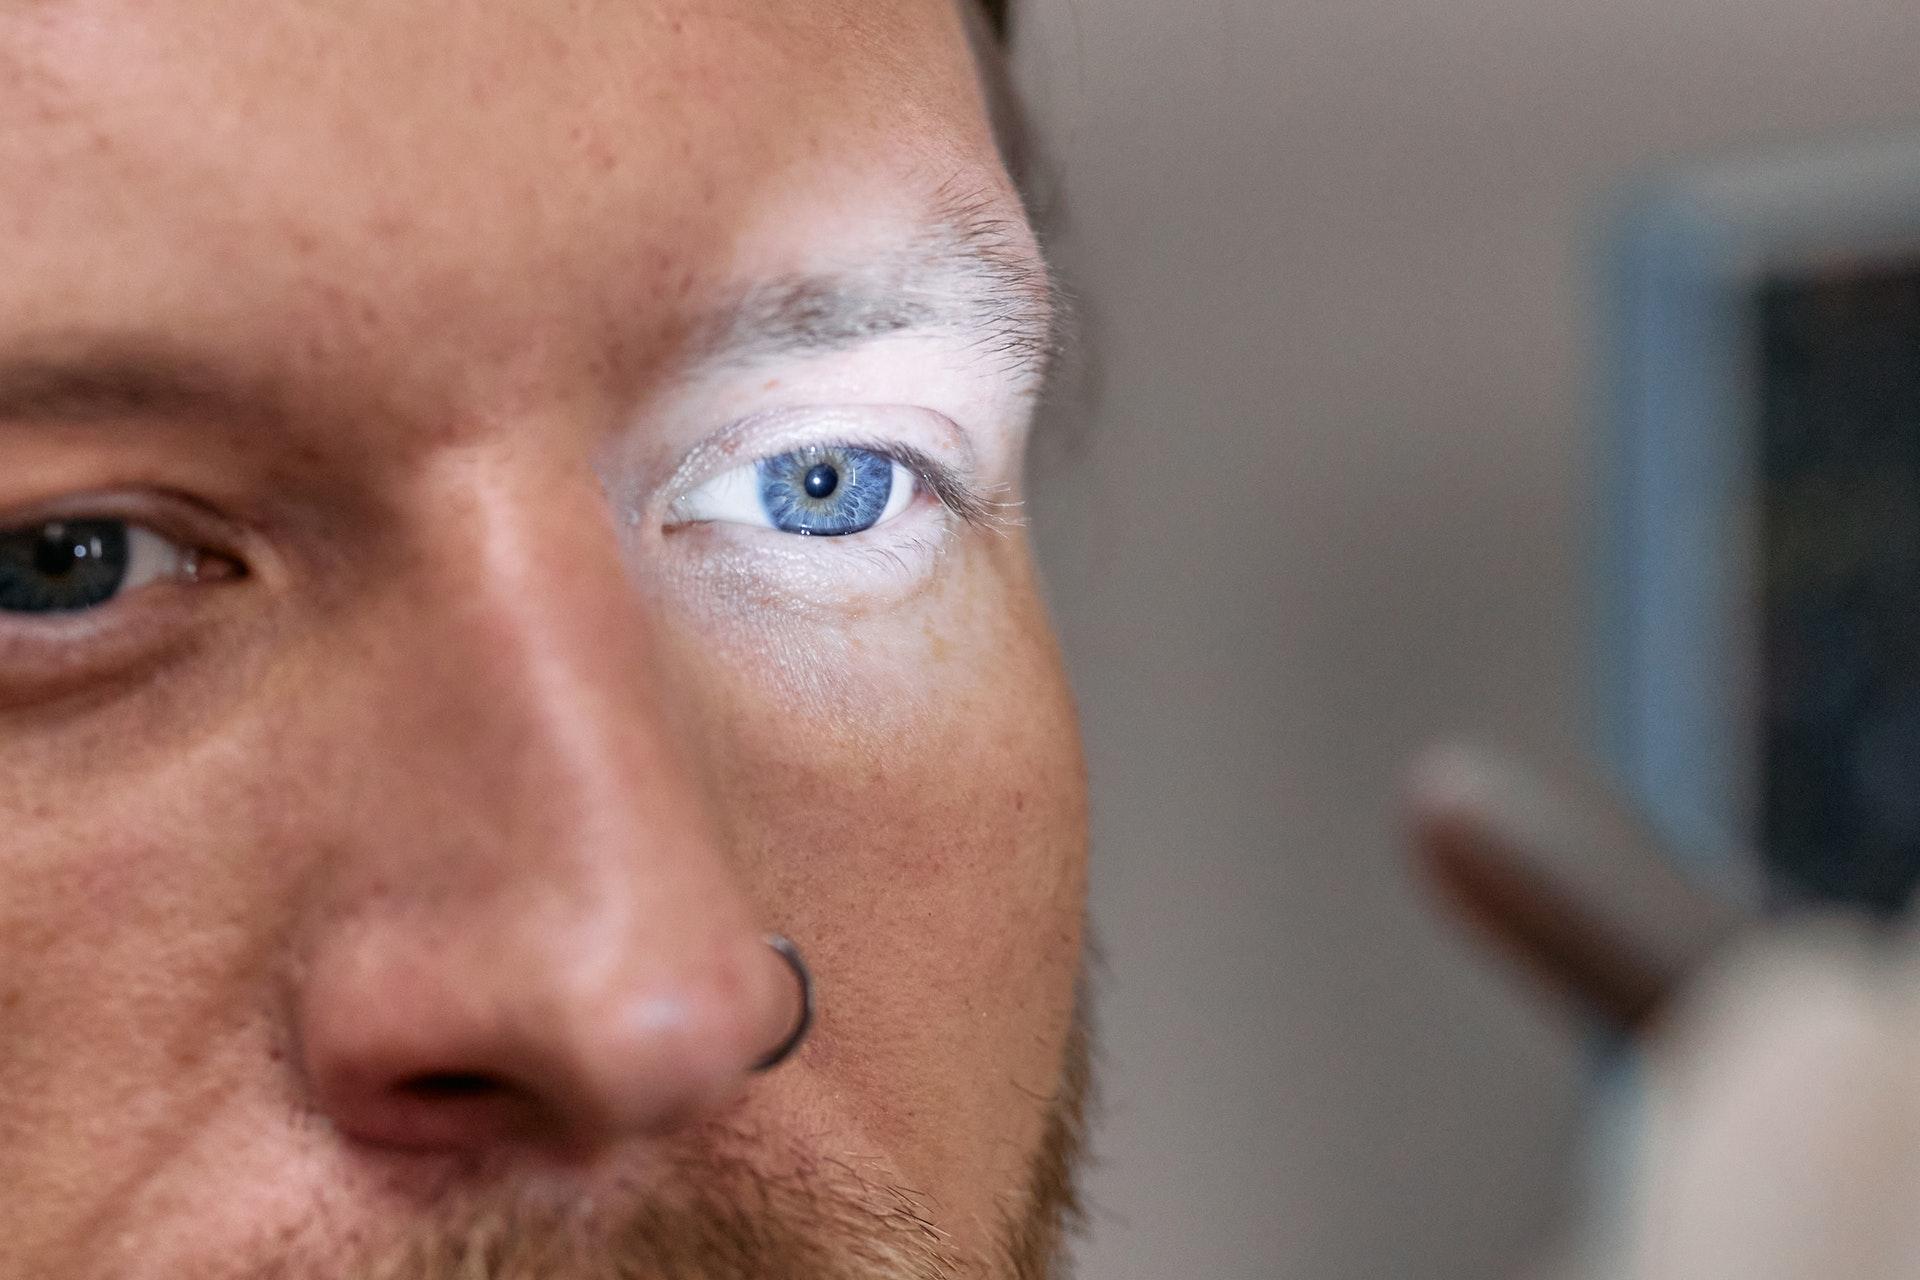 Express: Изменения в глазах могут указать на повышенный холестерин